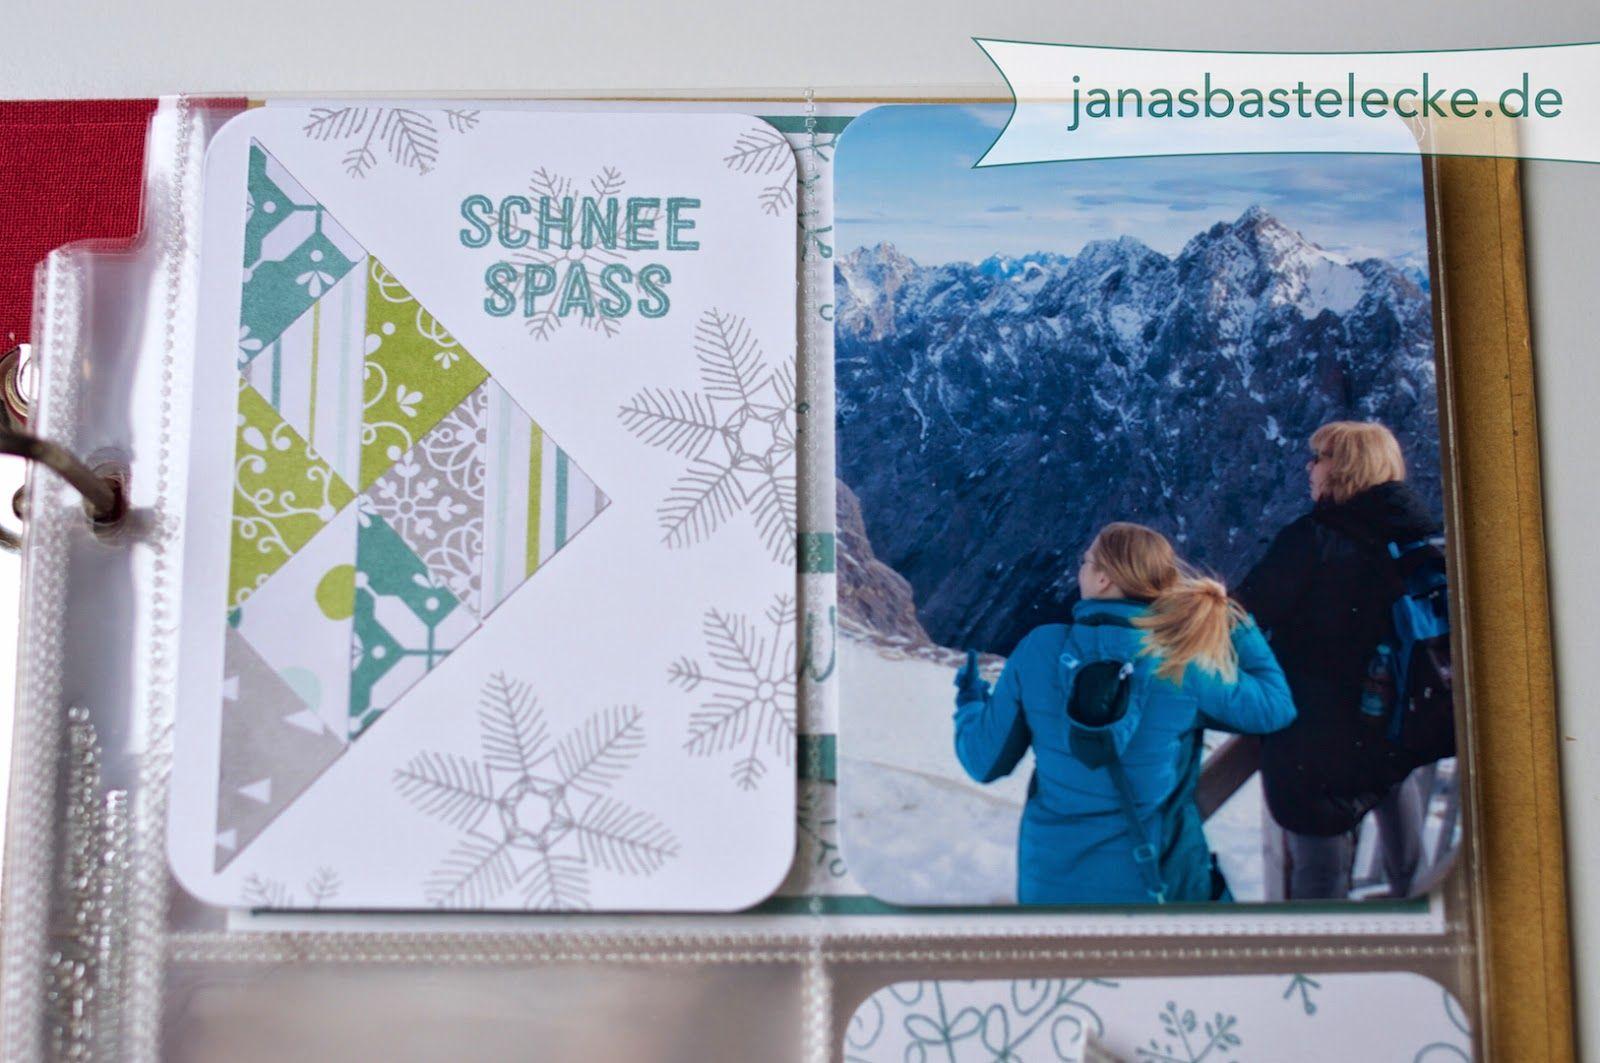 12 Tage Weihnachten 2014 - Project Life Karte - Schnee Spass - mit ...